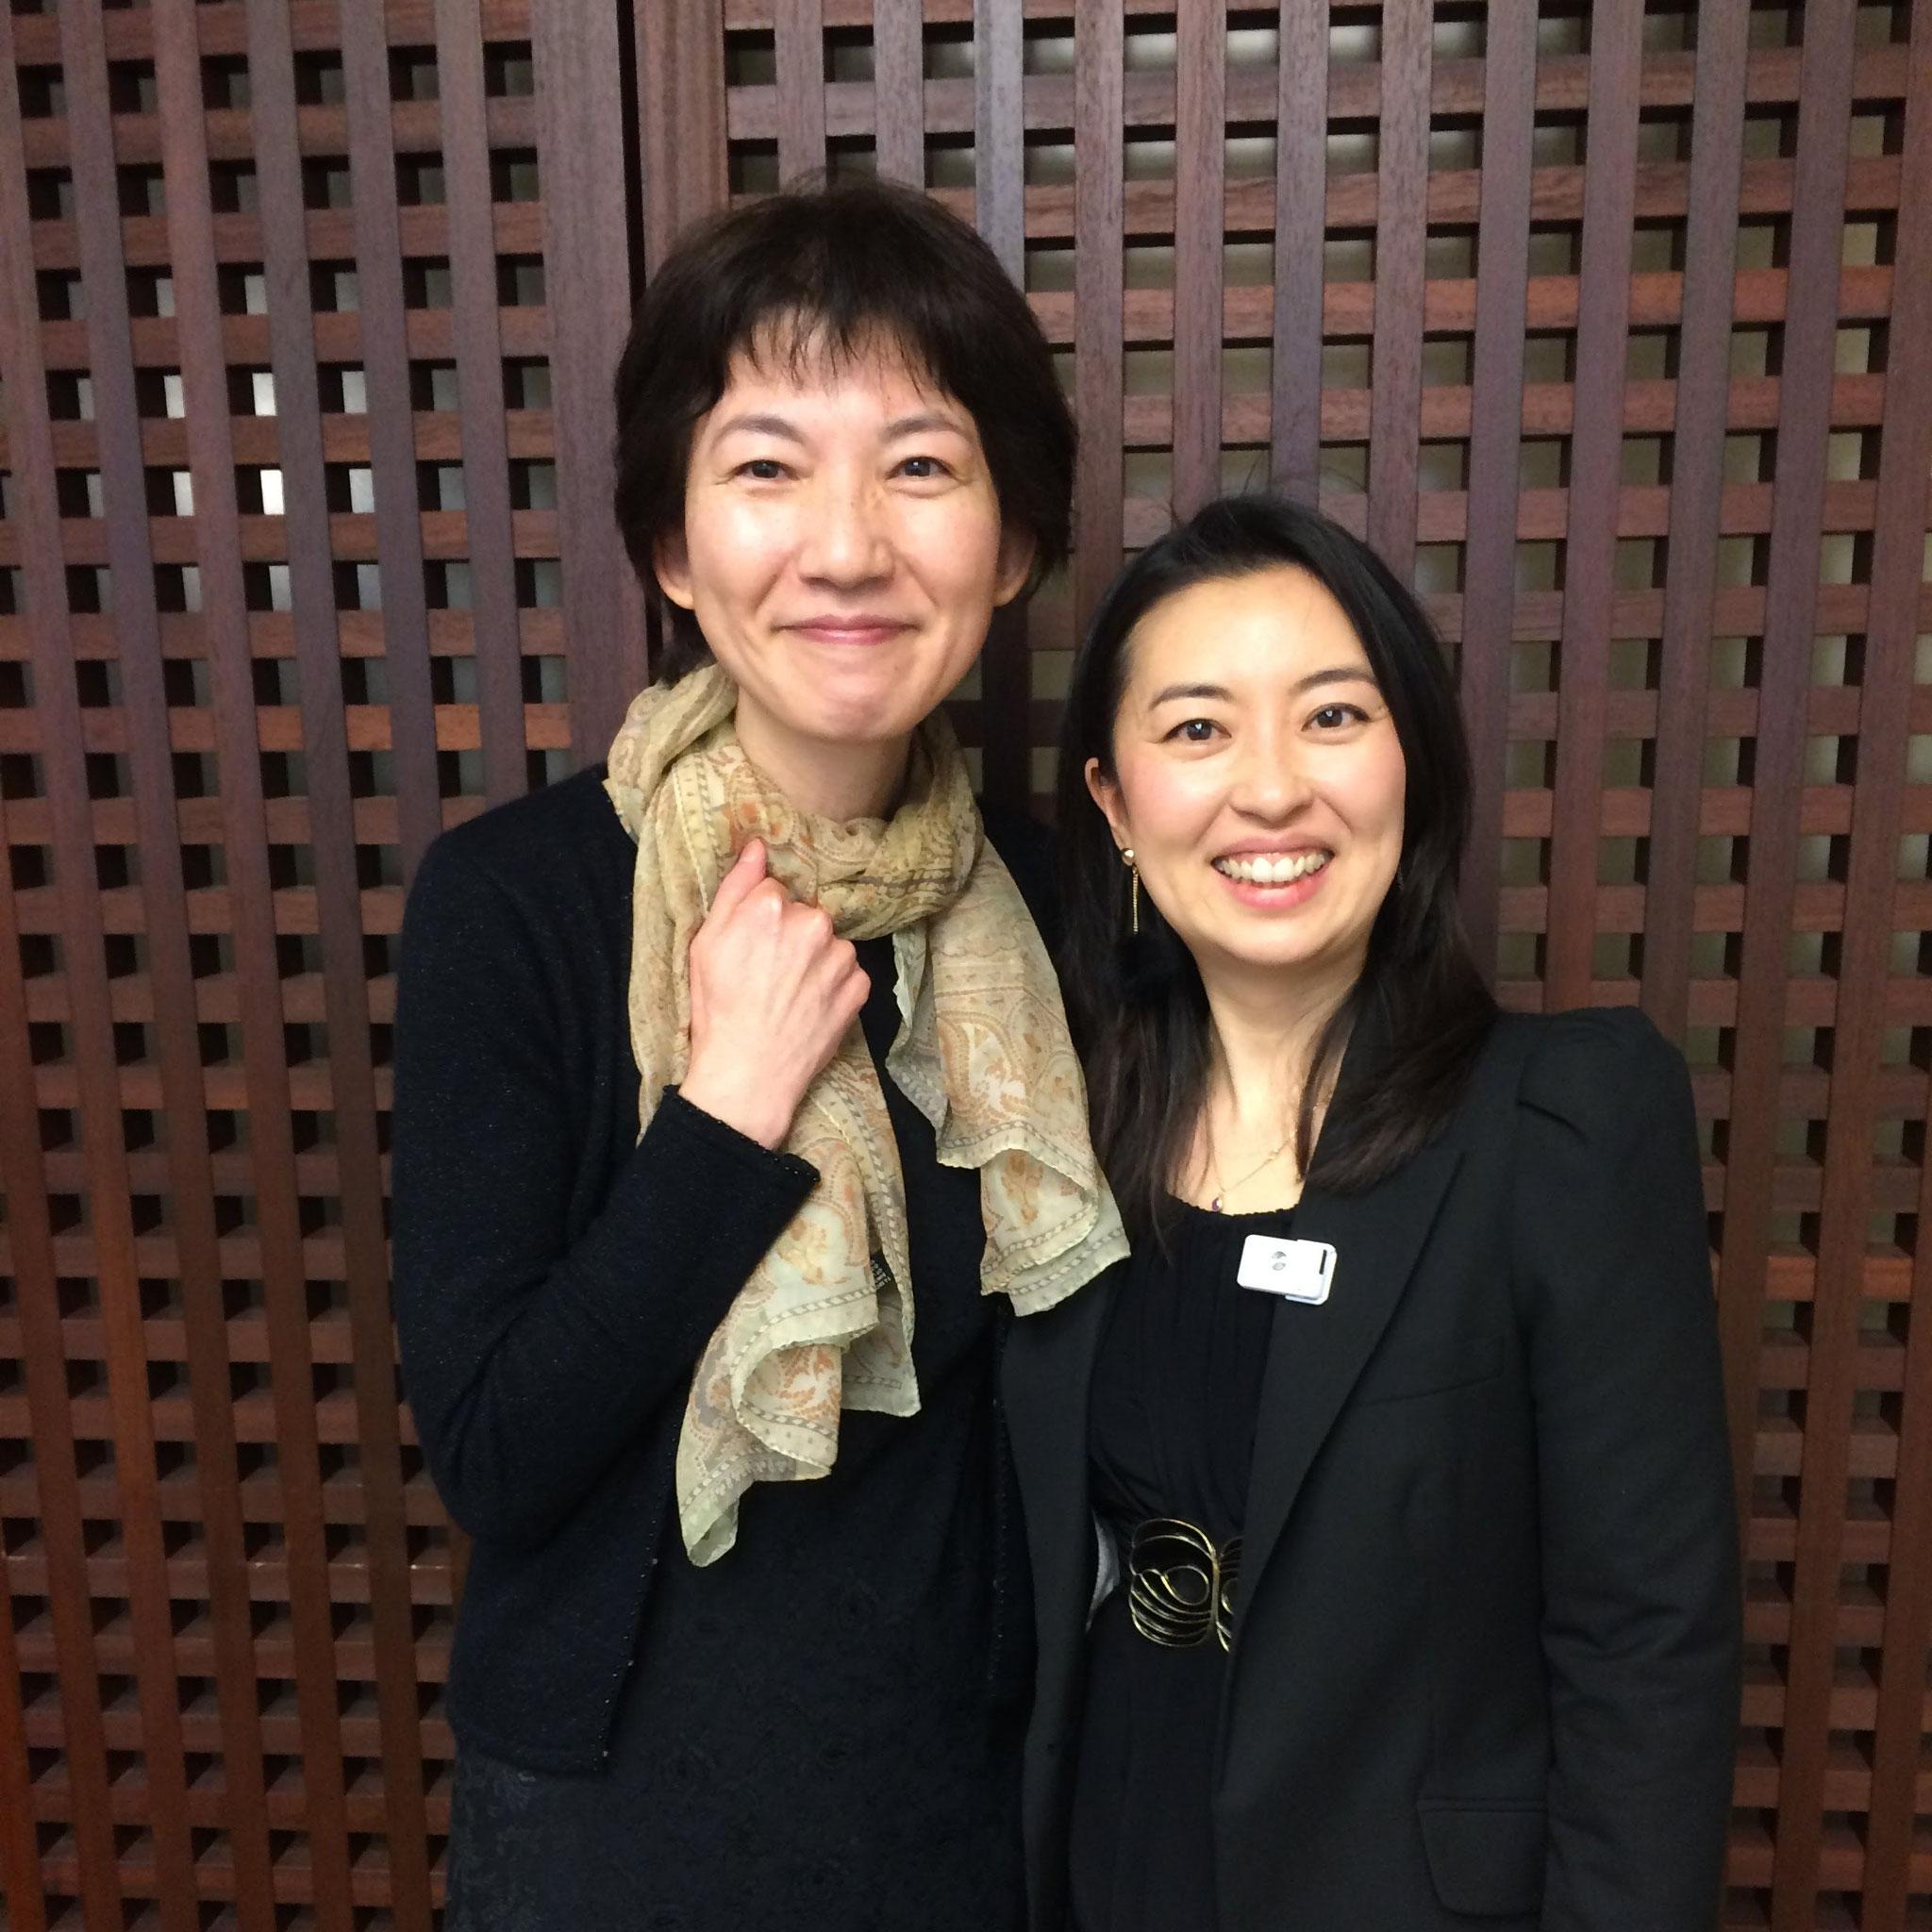 2018年1月IPAP日本セミナー@銀座会員制サロンにて